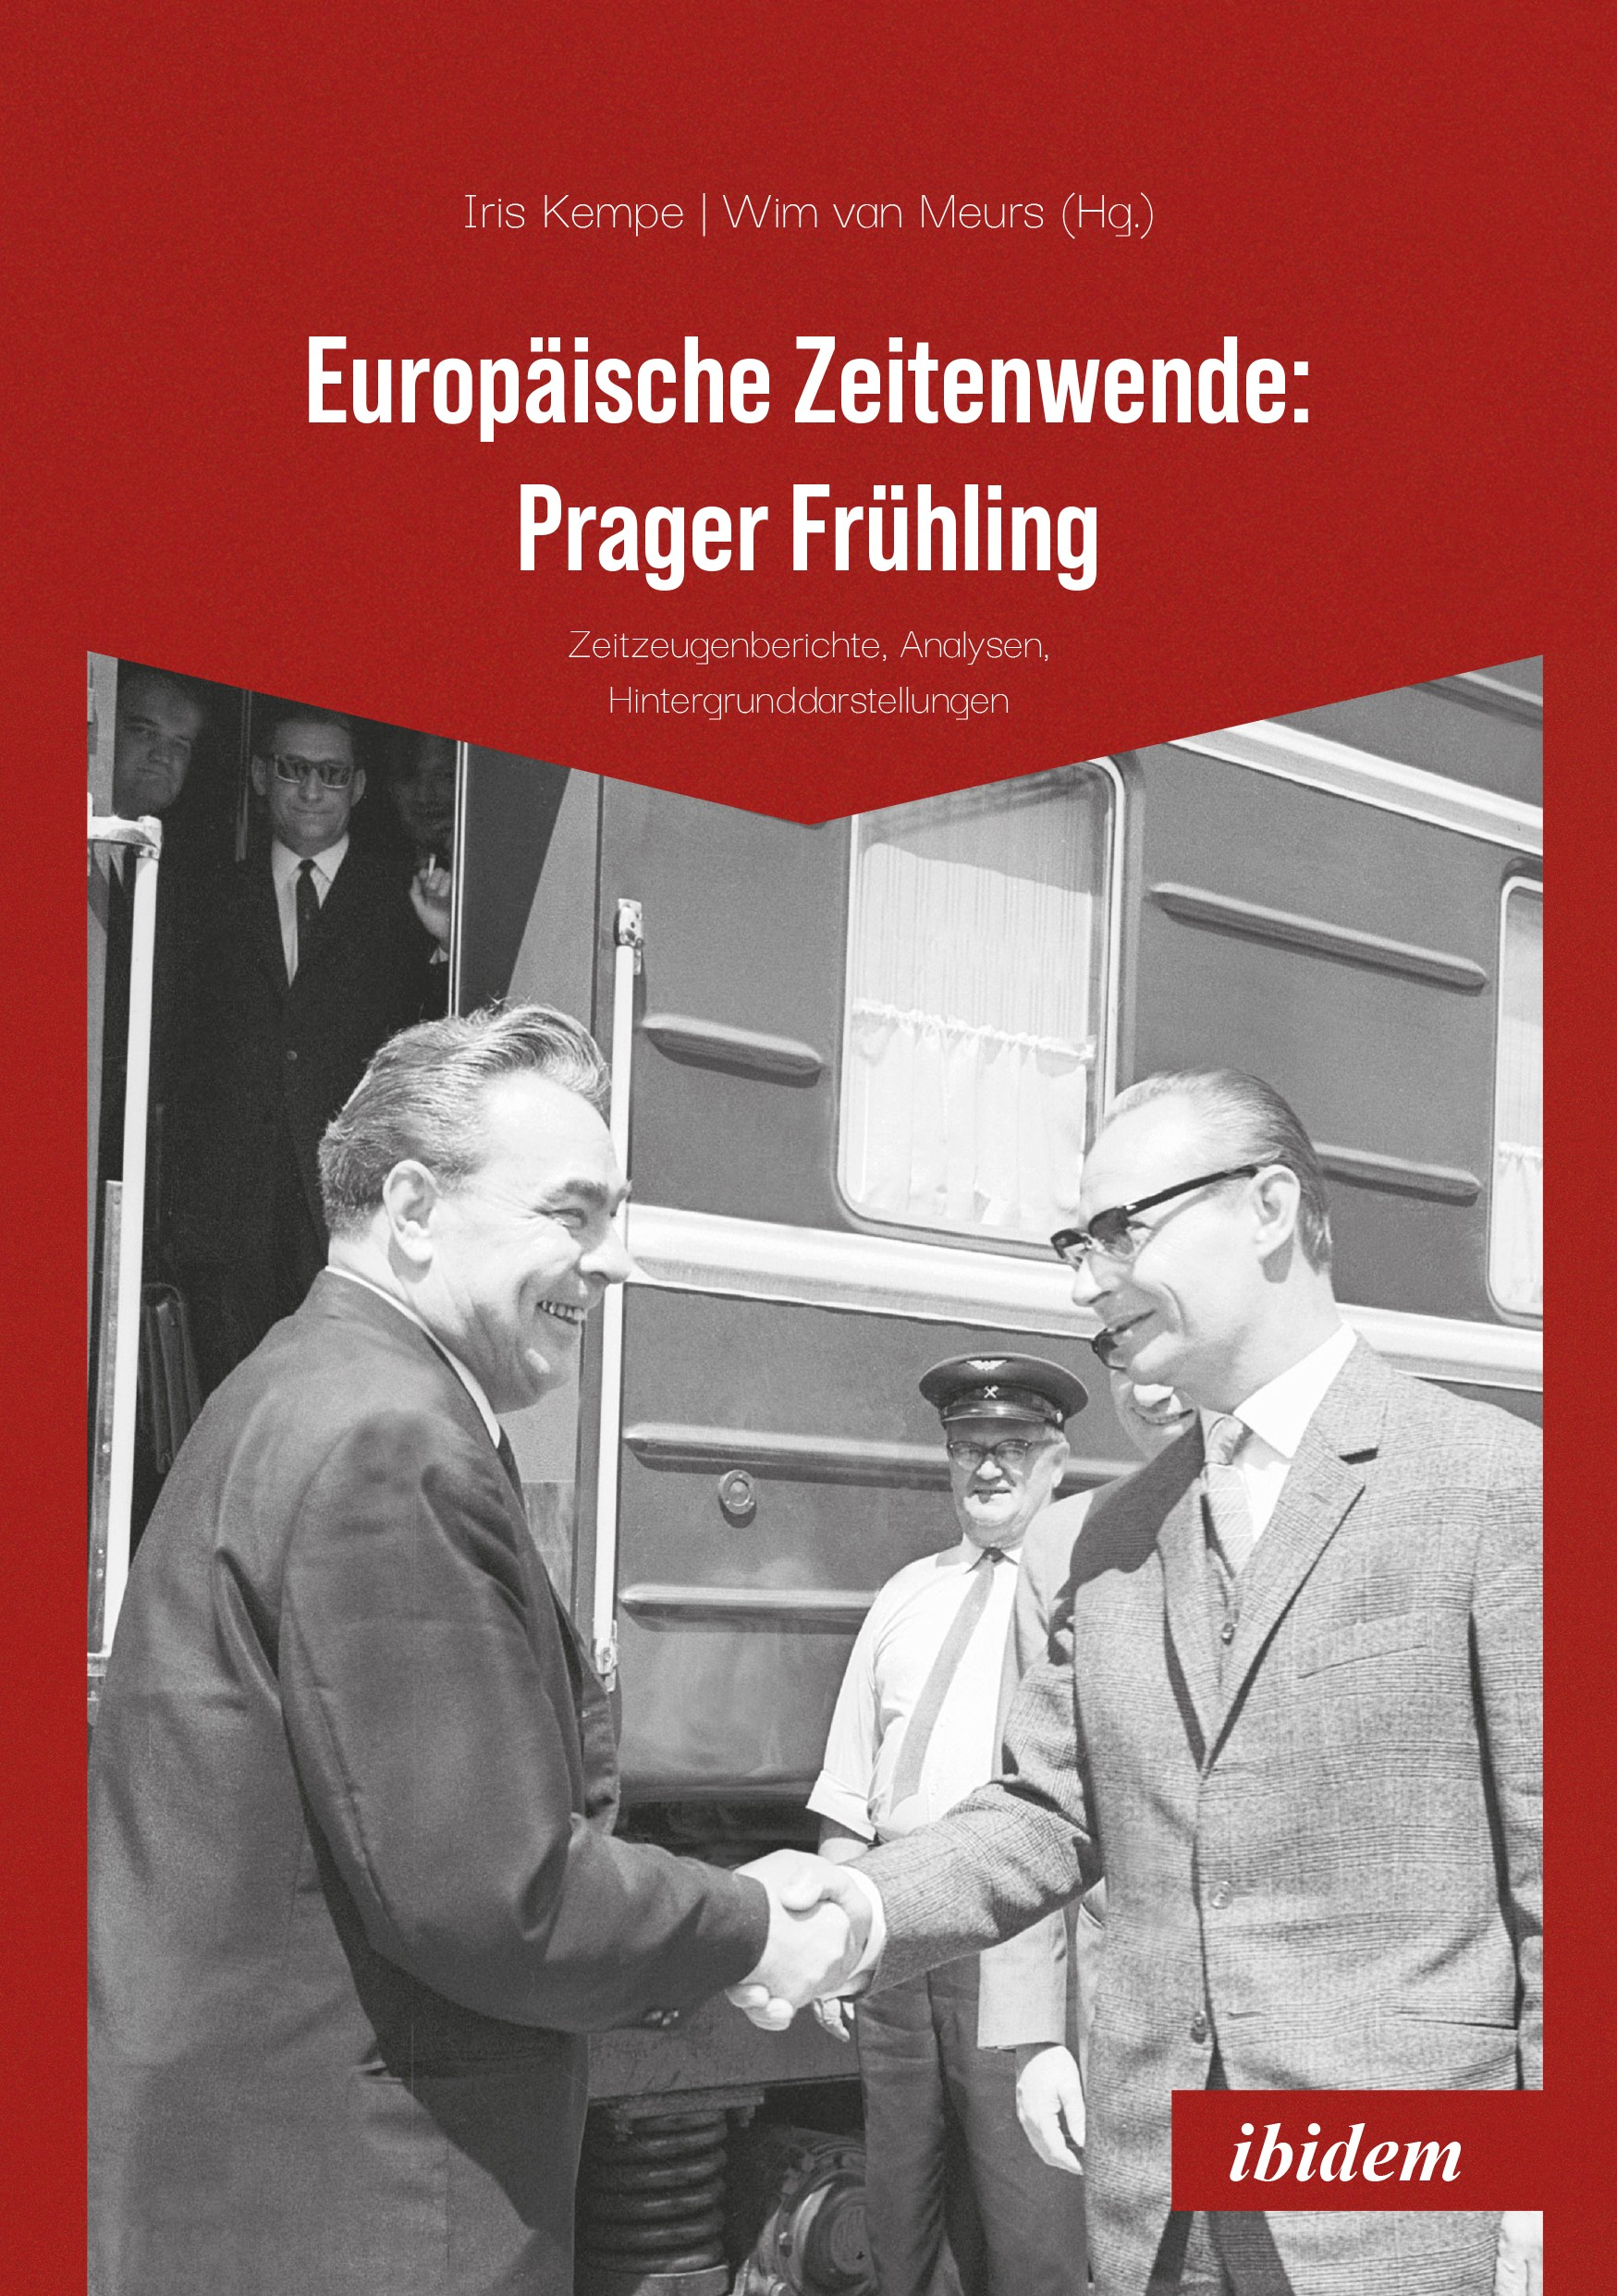 Europäische Zeitenwende: Prager Frühling